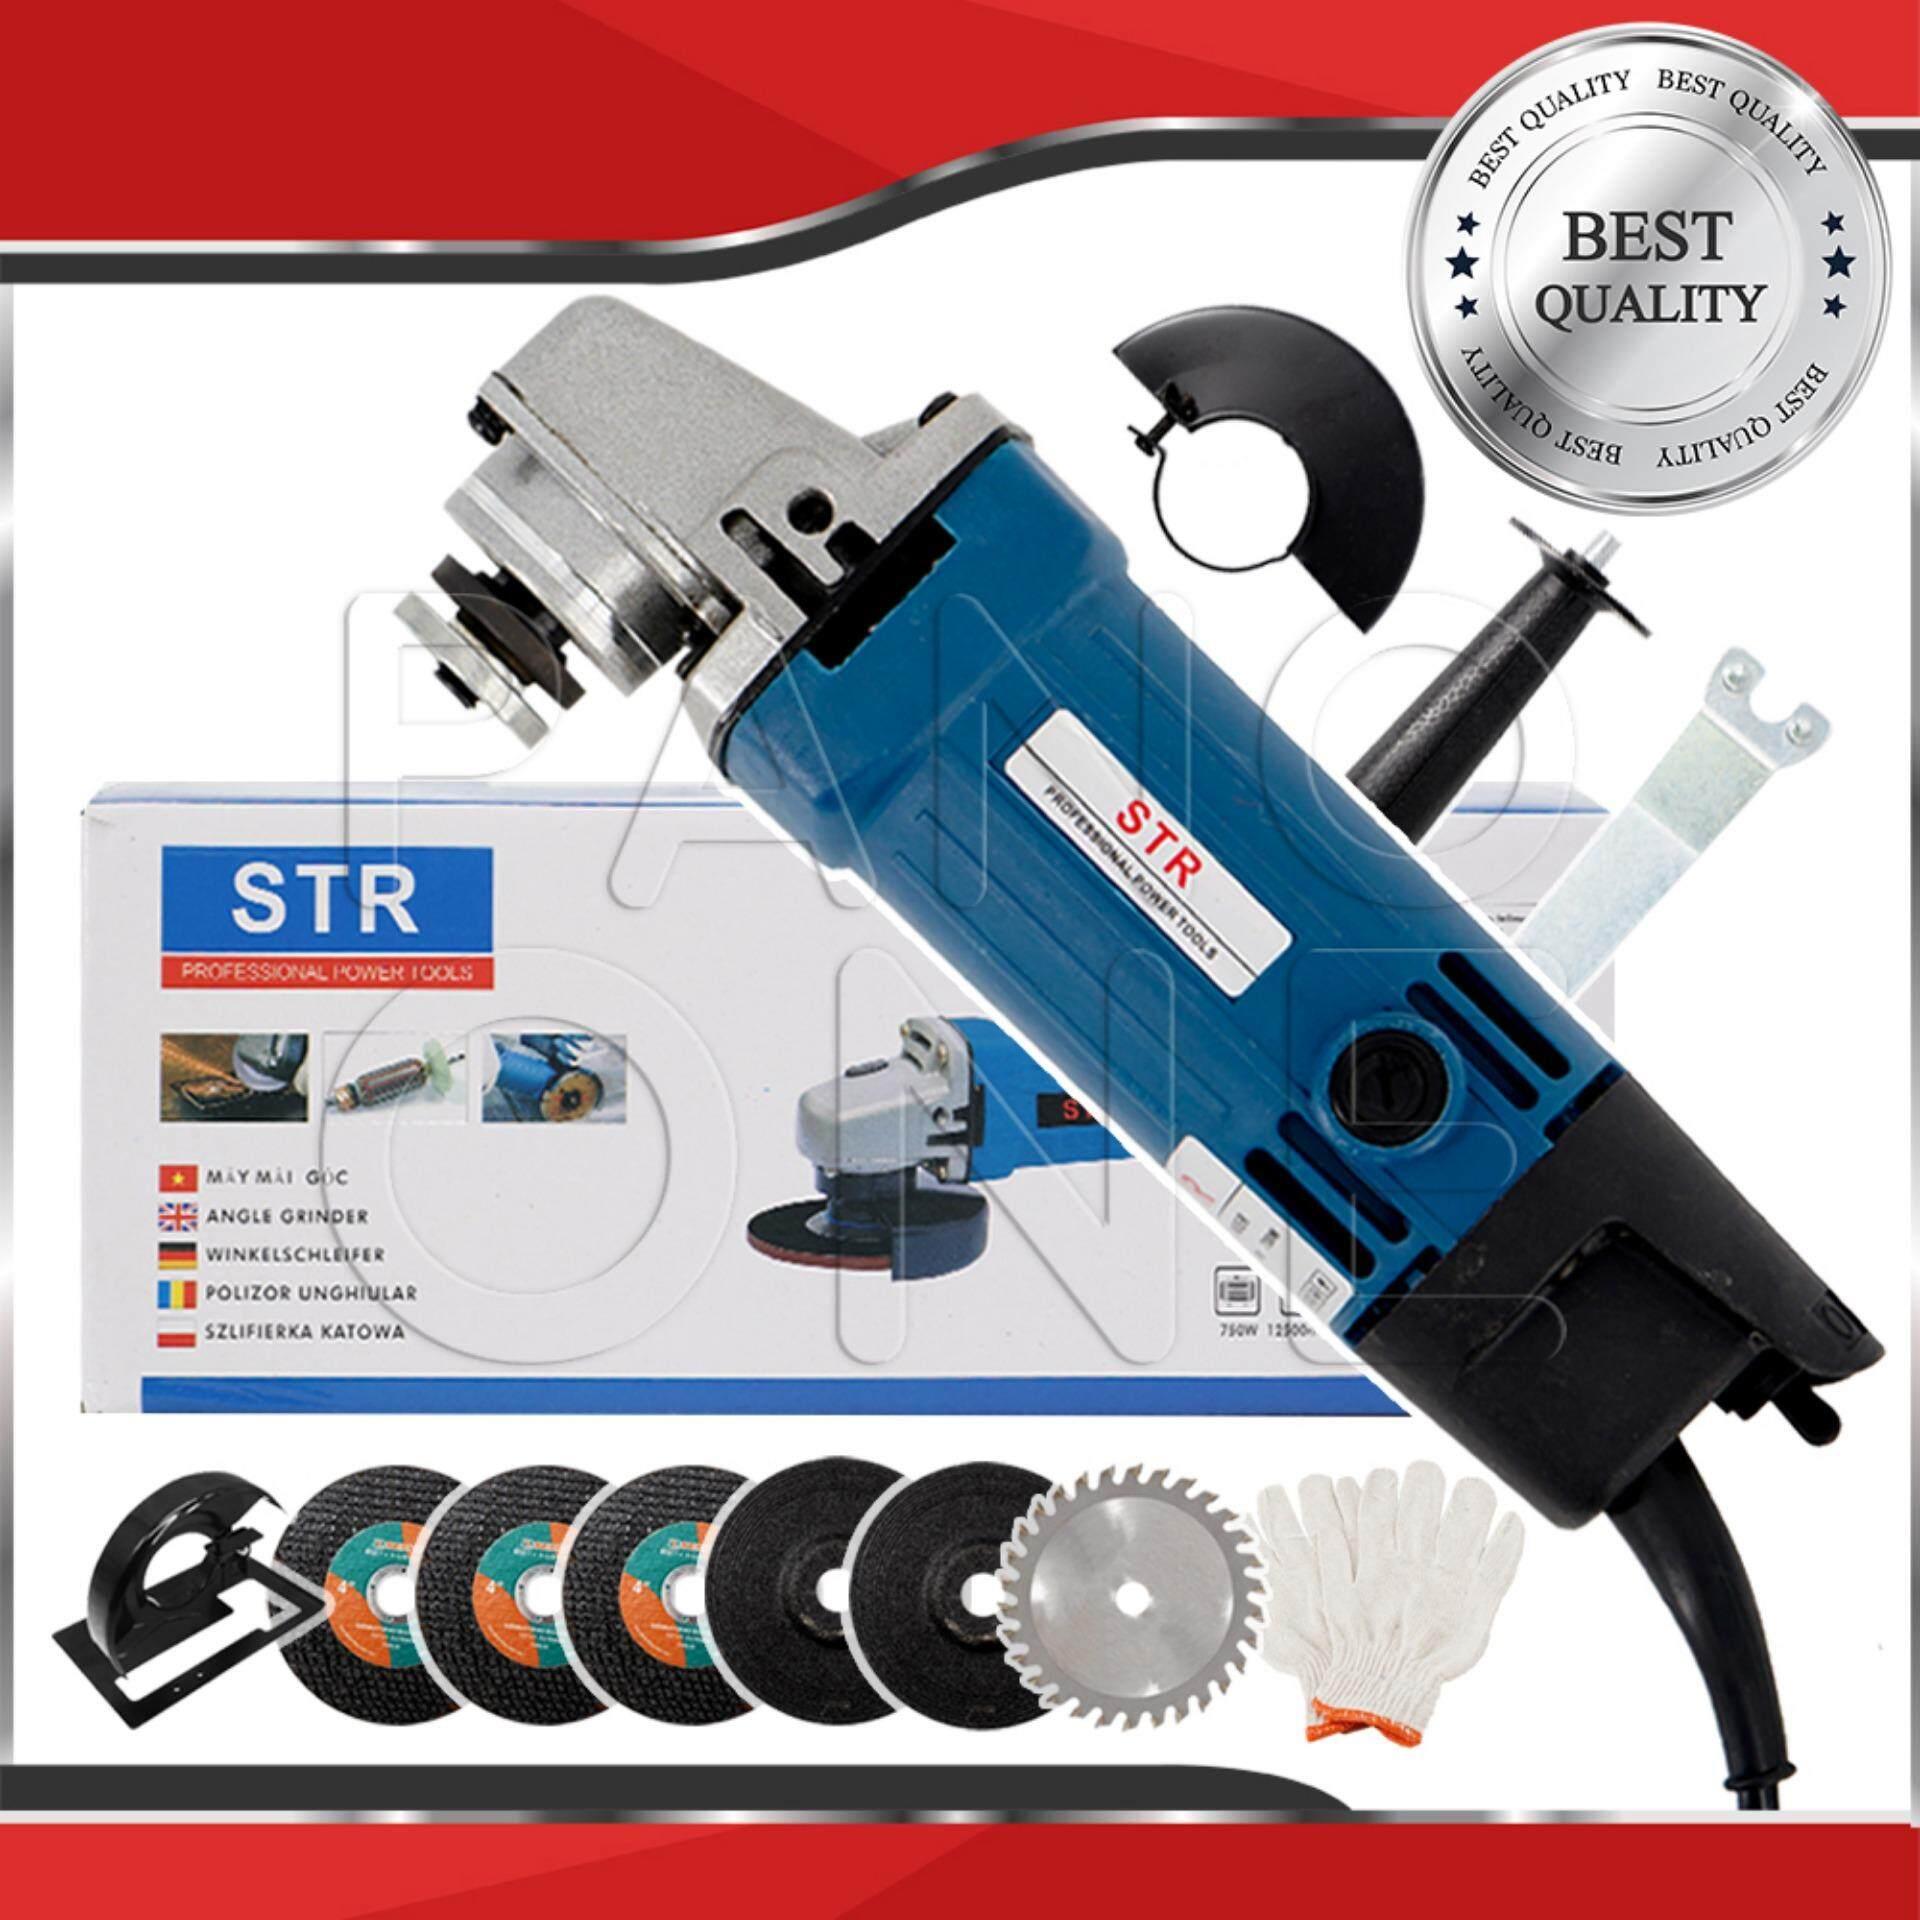 STR เครื่องเจียร์ หินเจียร์ ลูกหมู 4 นิ้ว 750W แถมฟรี! ไกด์นำตัด ใบตัด ใบเจียร์ ถุงมือ และอุปกรณ์ มูลค่ารวม 290 บาท